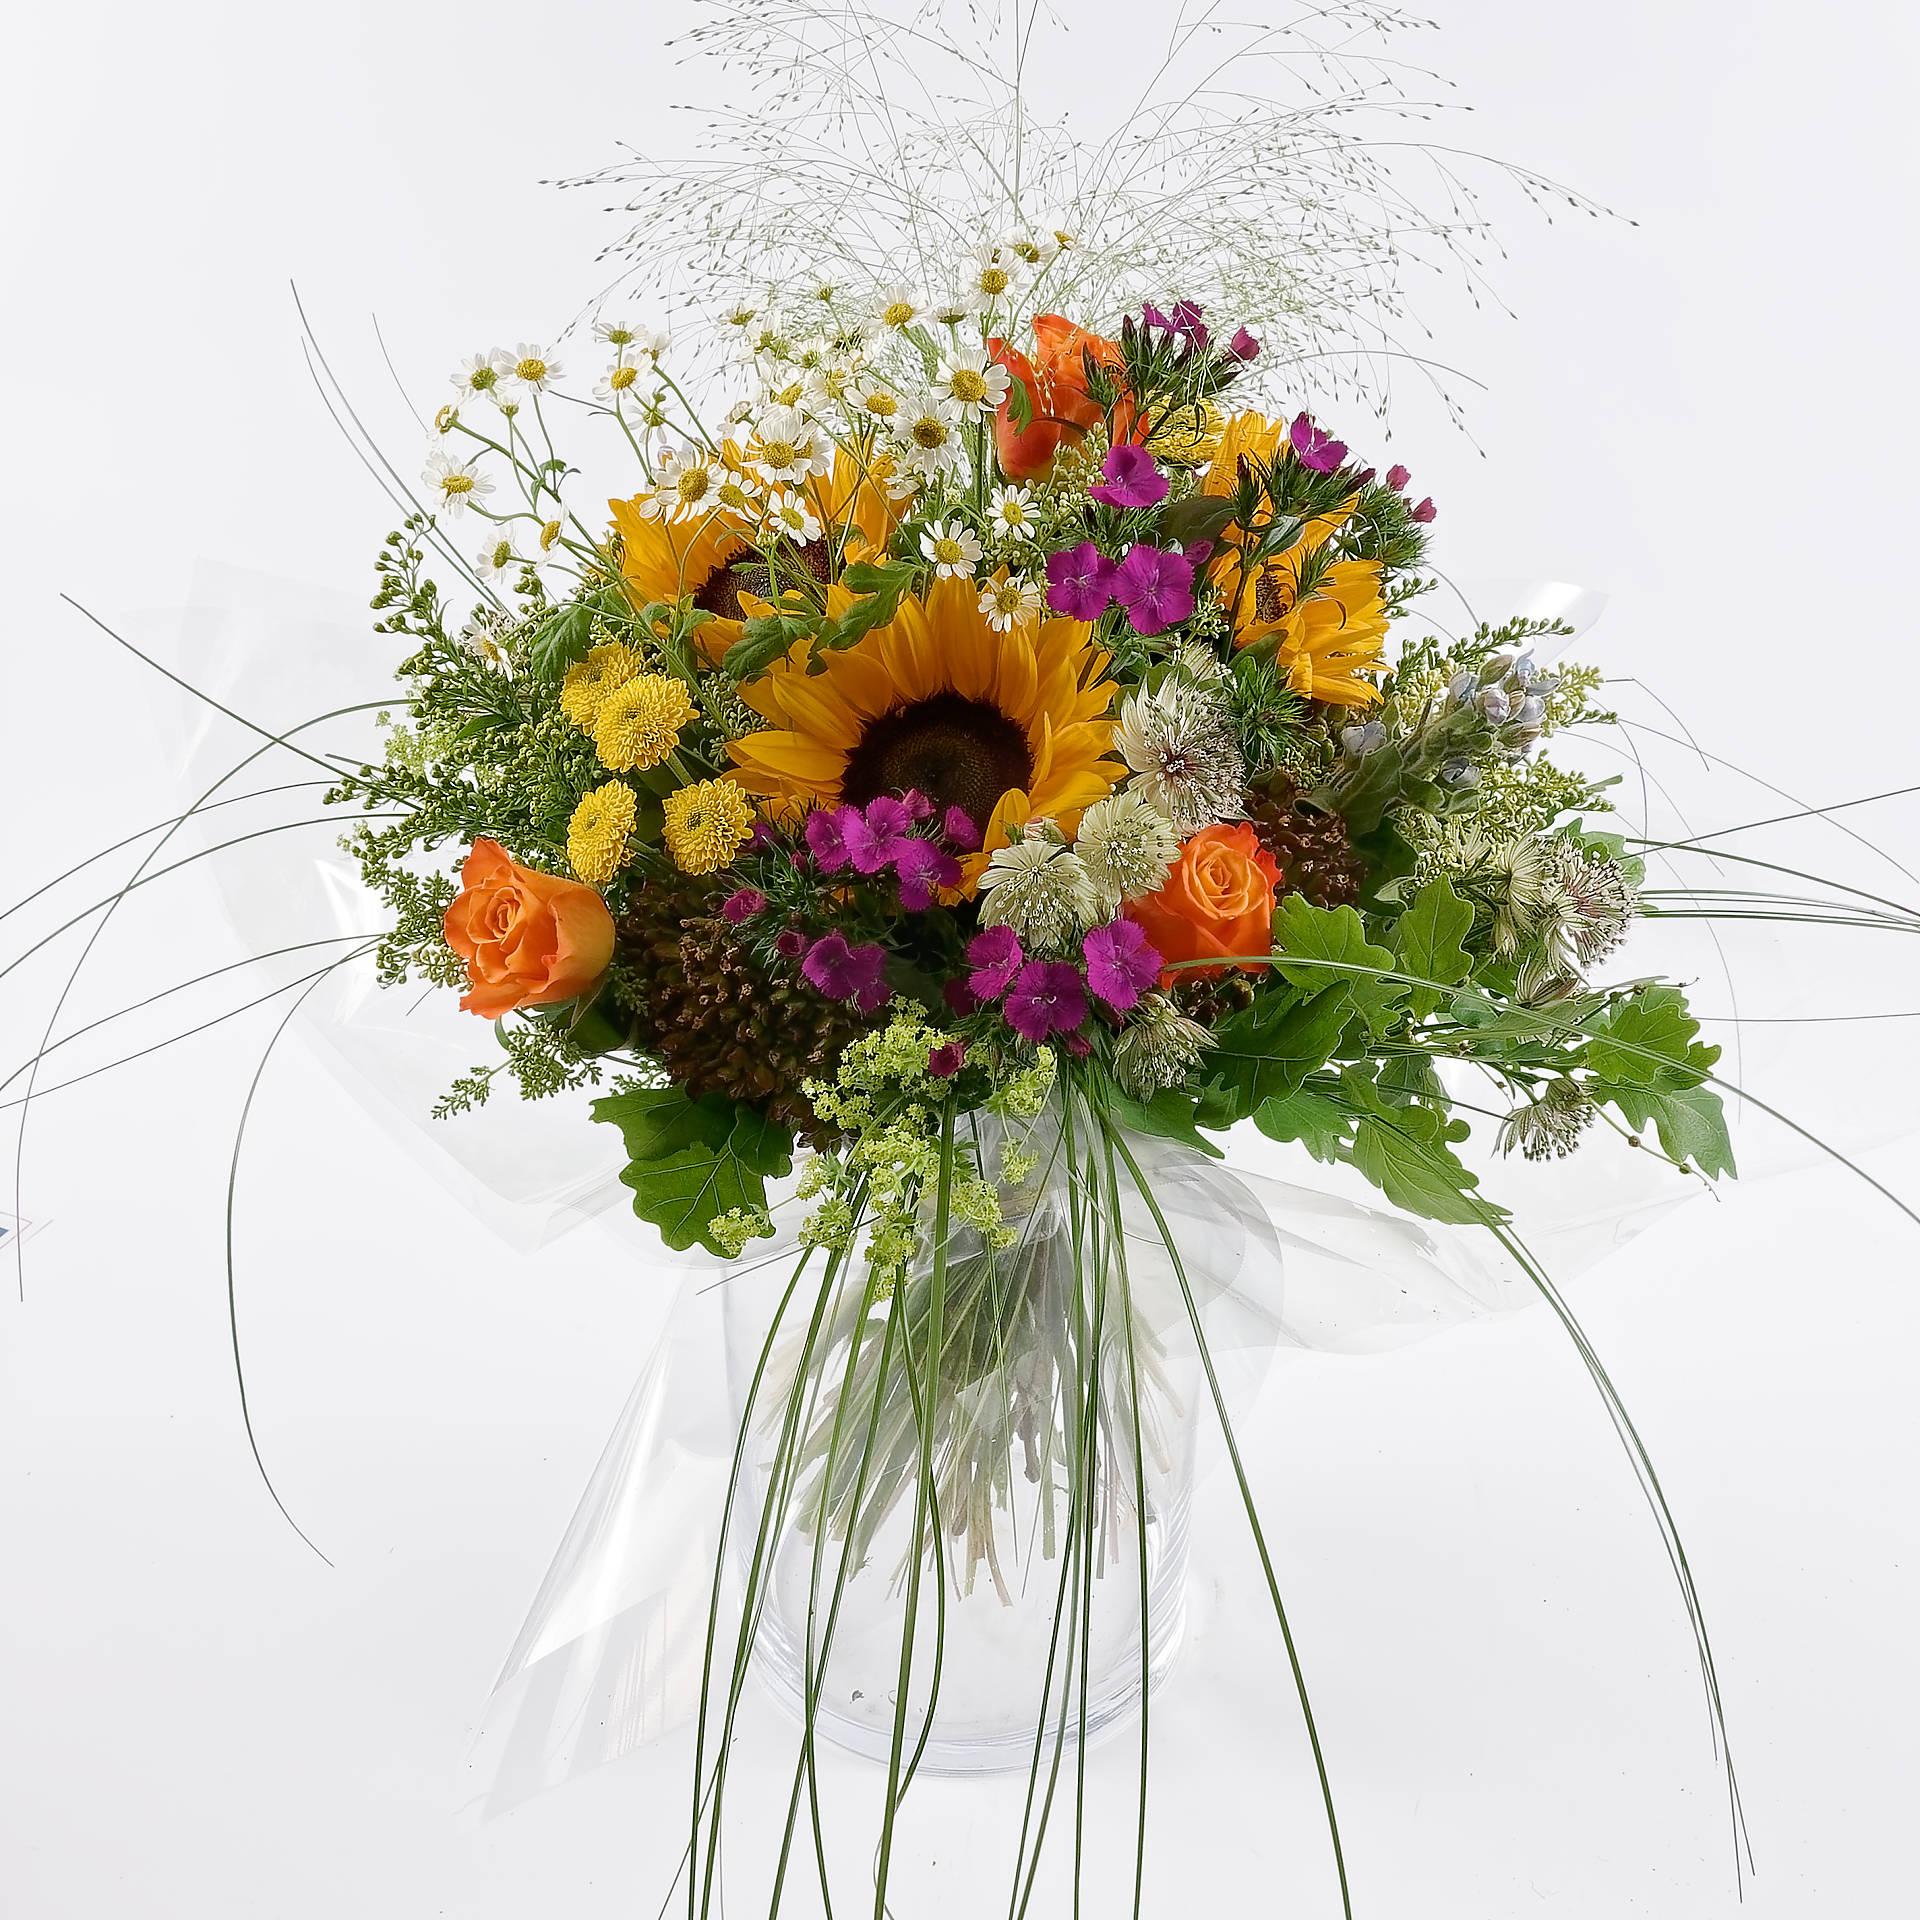 Bouquet champêtre opulent avec tournesol - Fleurs Duchmann